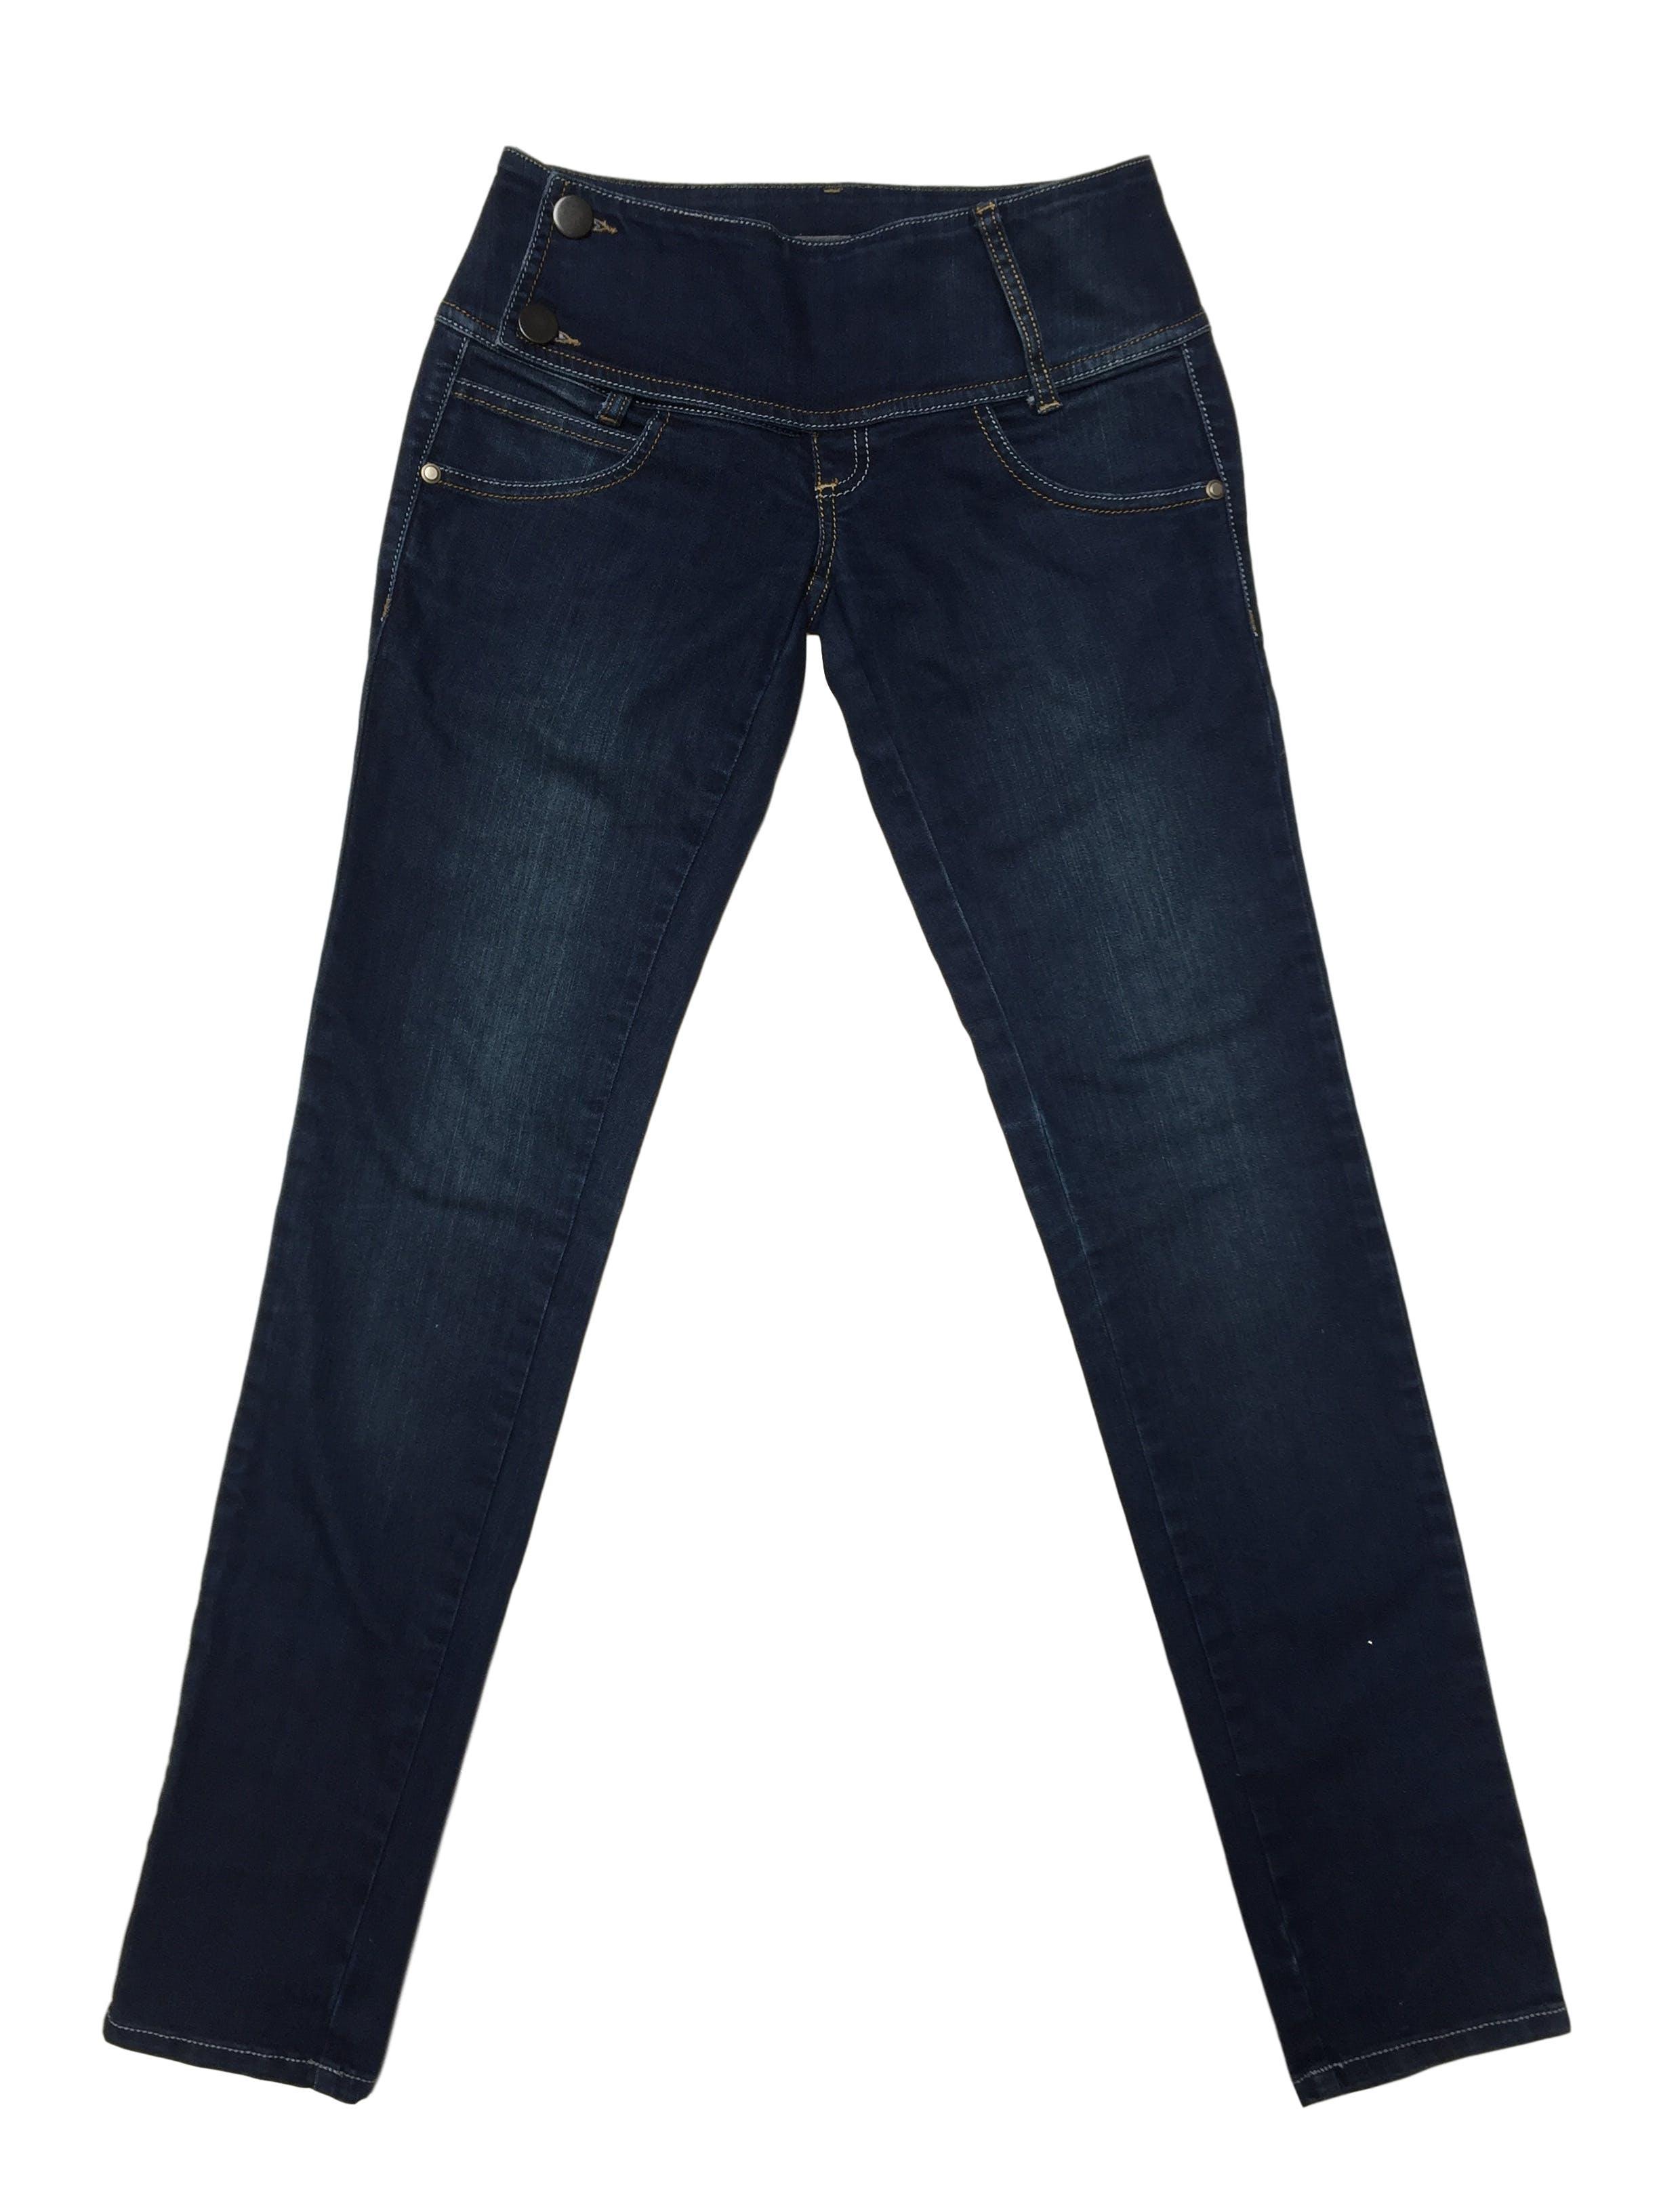 Pantalón Scombro jean 97% algodón, pretina ancha con doble botón Talla 26